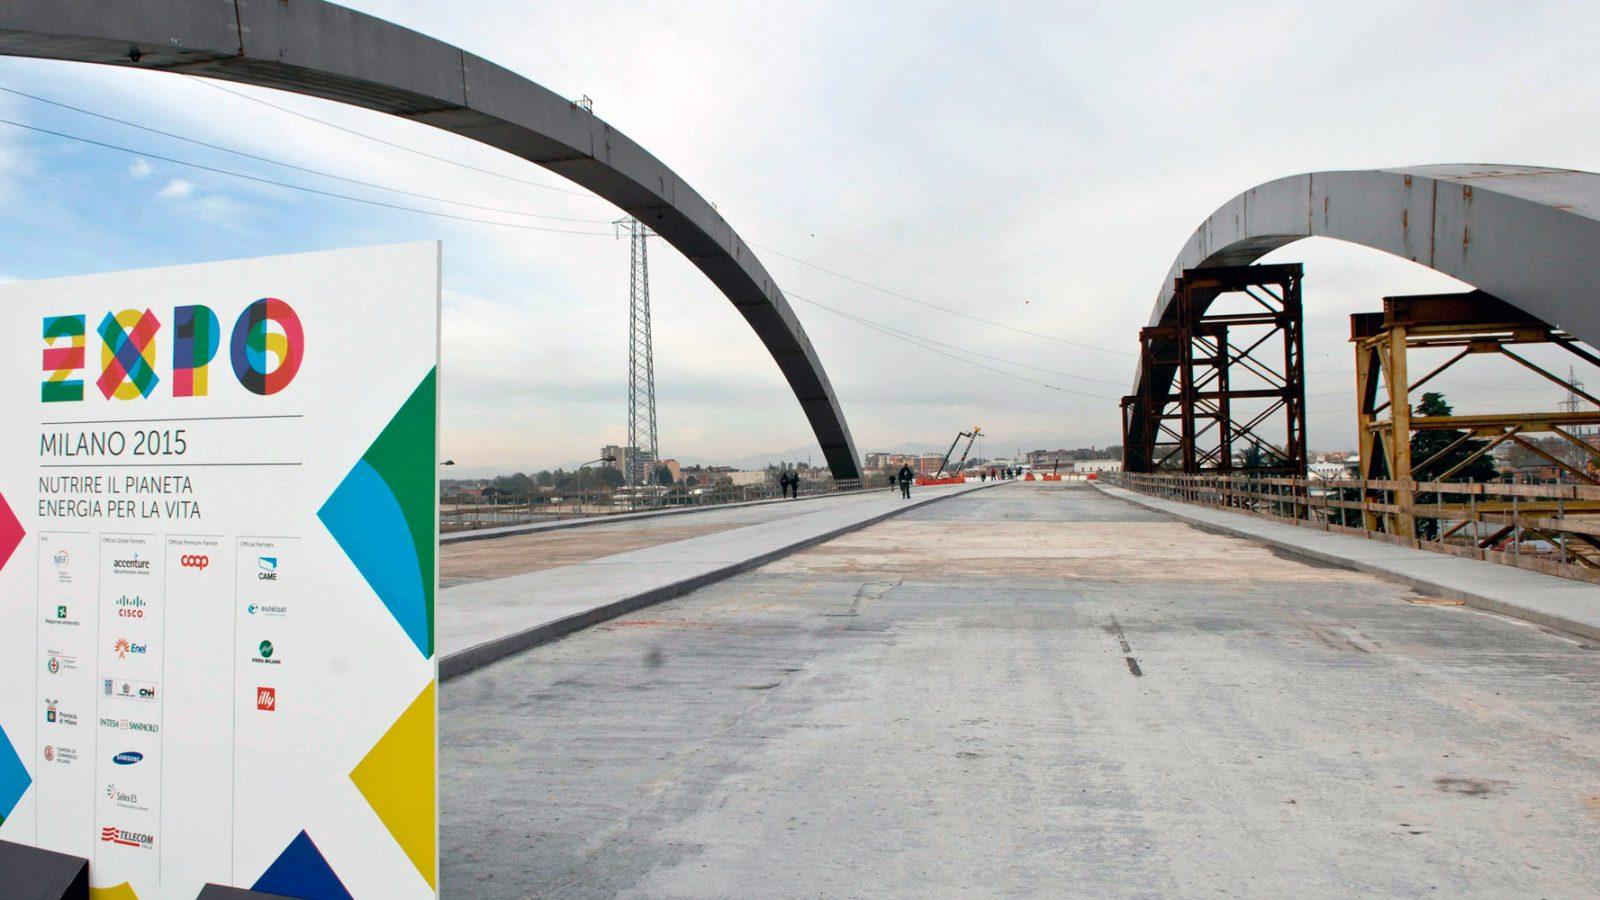 Cantiere per la viabilità area EXPO 2015 (fonte: Imagoeconomica)